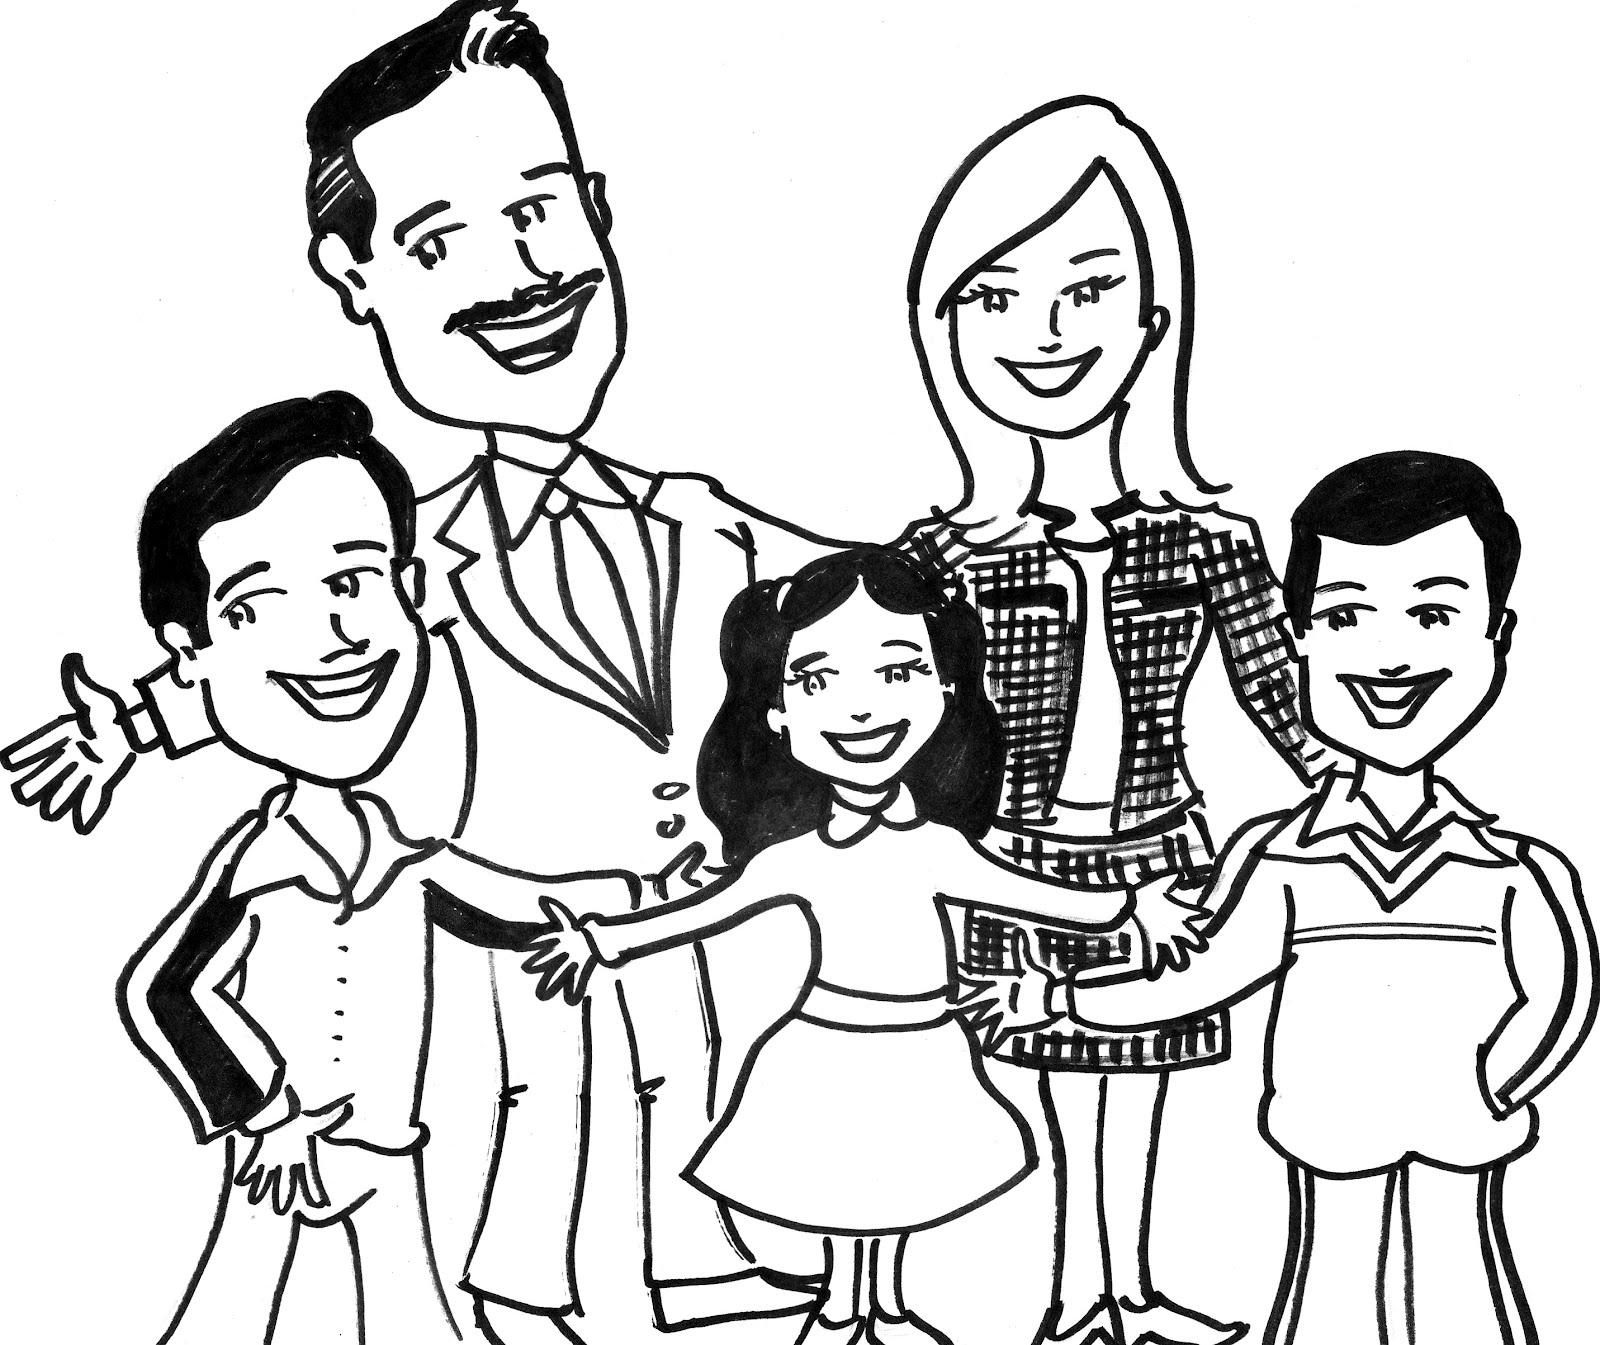 dibujo de familia  tony garabato caricaturista